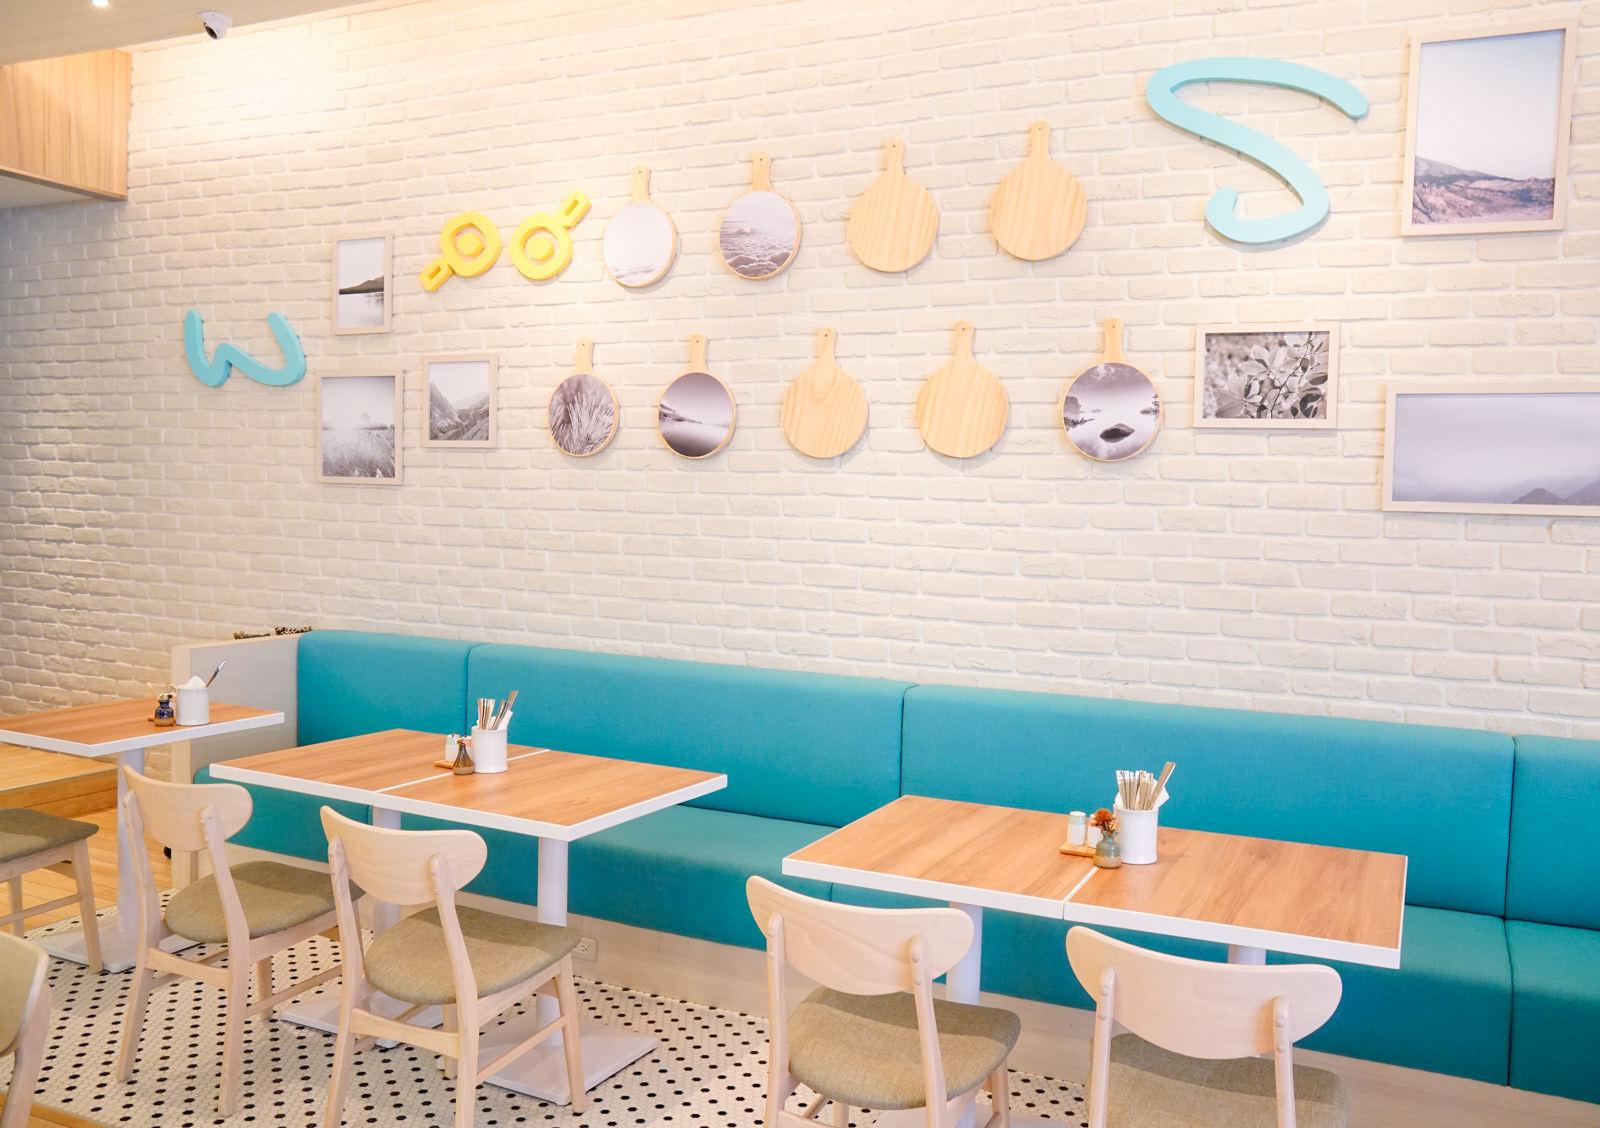 [三多商圈美食推薦]Woosa屋莎鬆餅屋-超濃厚系抹茶紅豆鬆餅!綿軟好吃雲之鬆餅! @美食好芃友